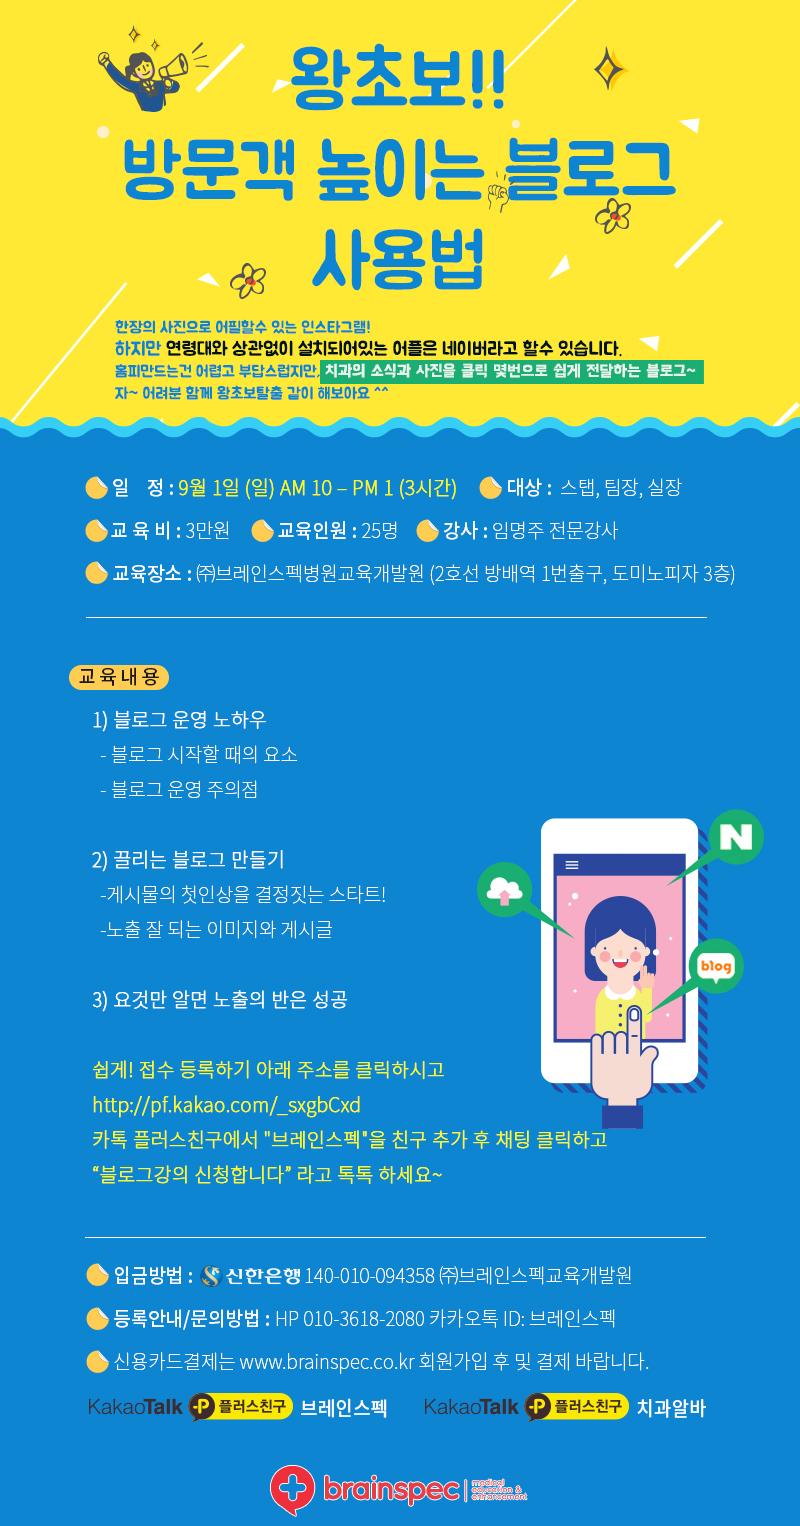 2019-9-1 방문객이 늘어나는 블로그 사용법_임명주 (2).jpg